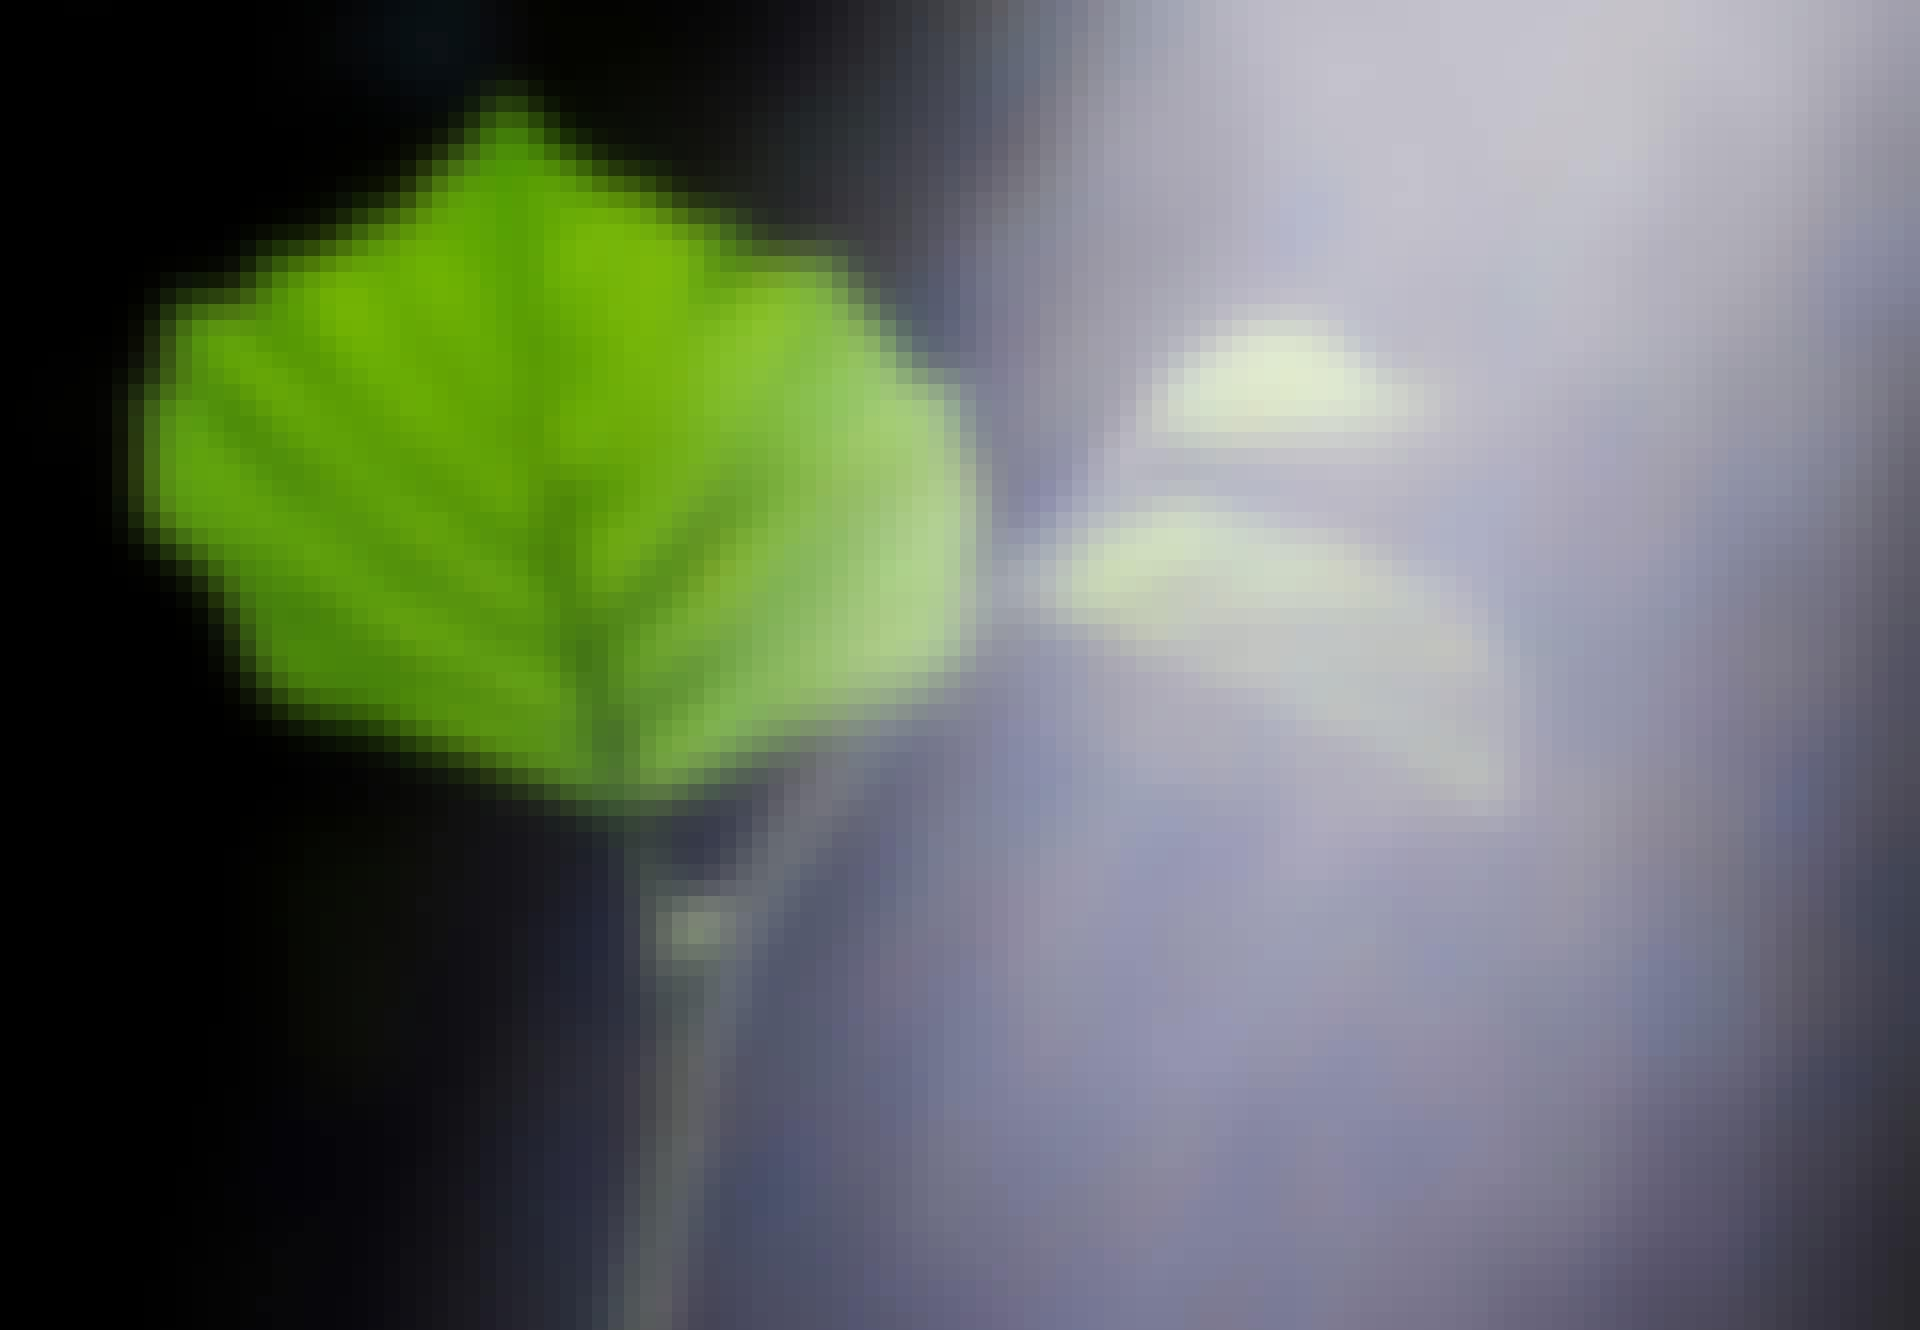 Zonlicht op een blad - fotosynthese